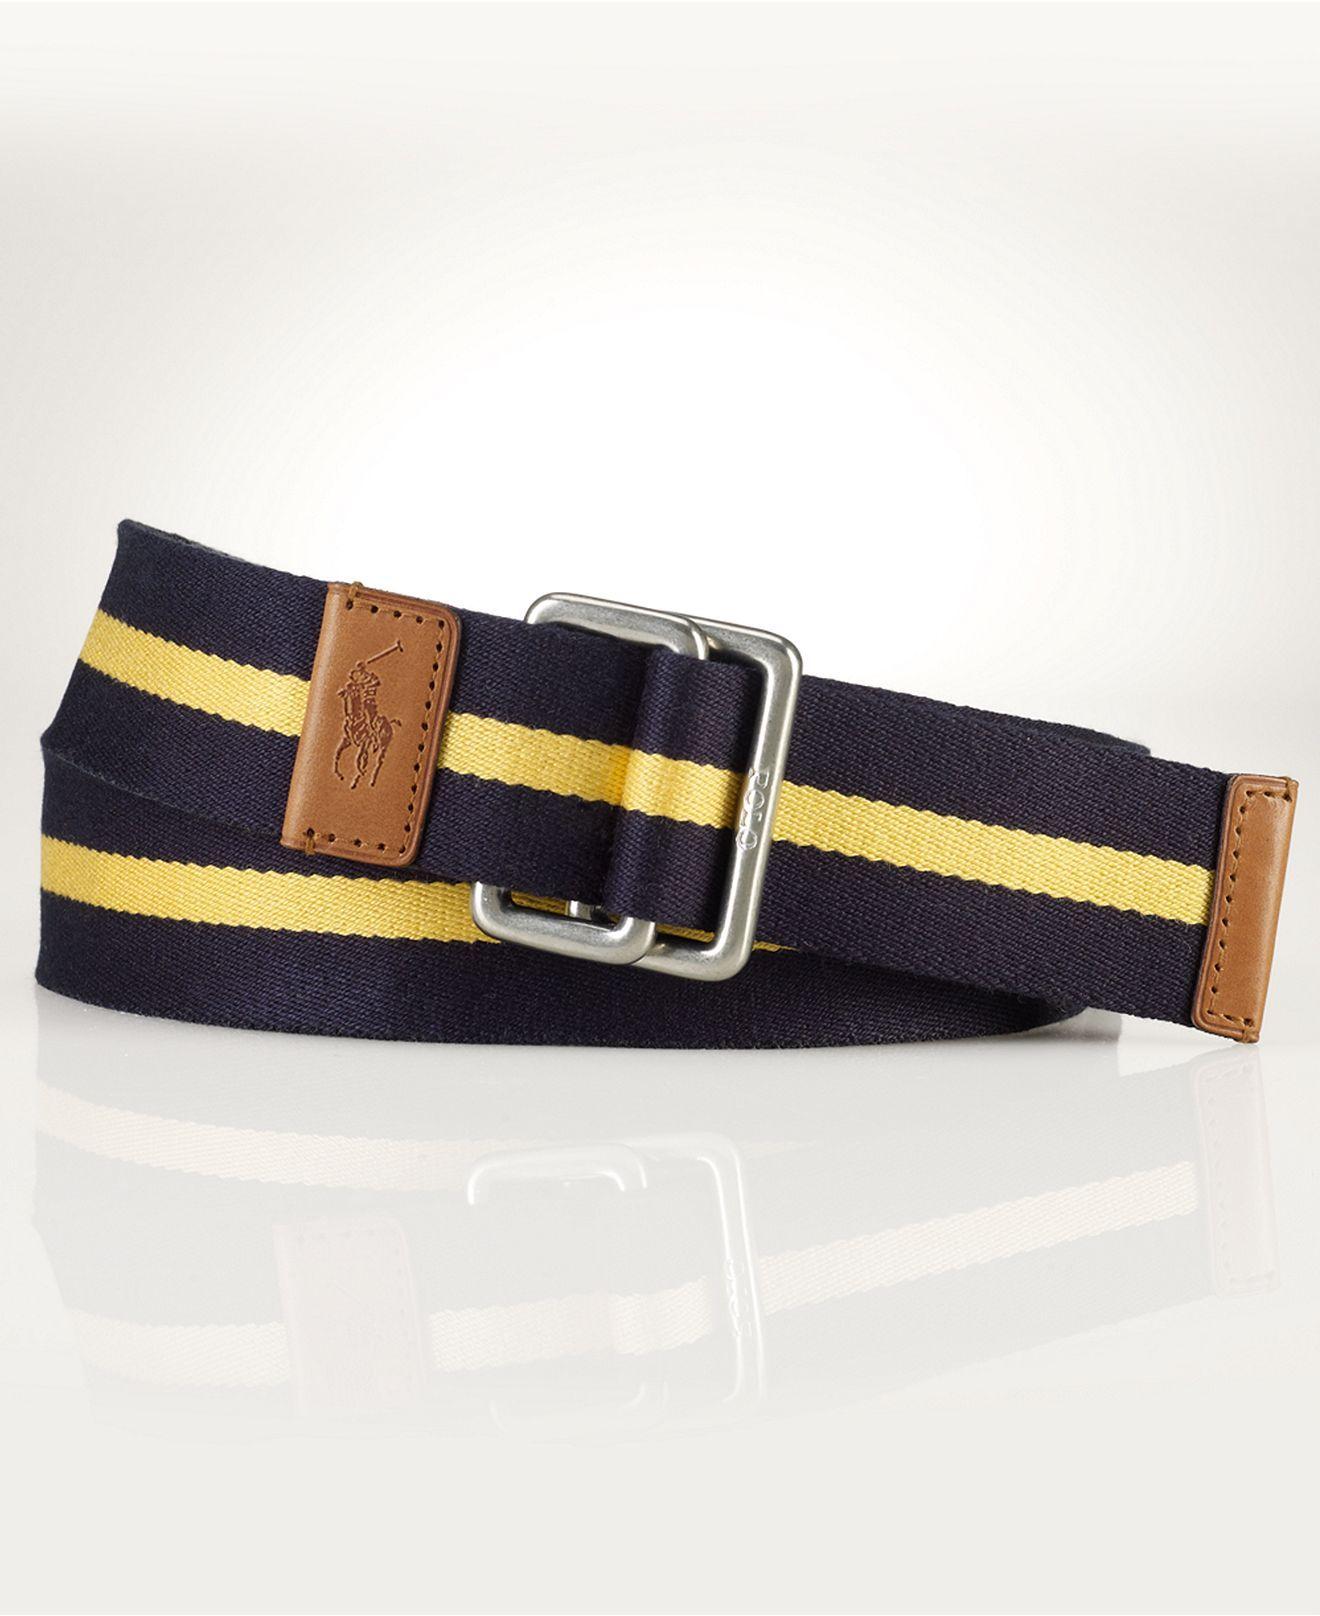 Polo Ralph Lauren Accessories, Striped Web Belt Mens Belts